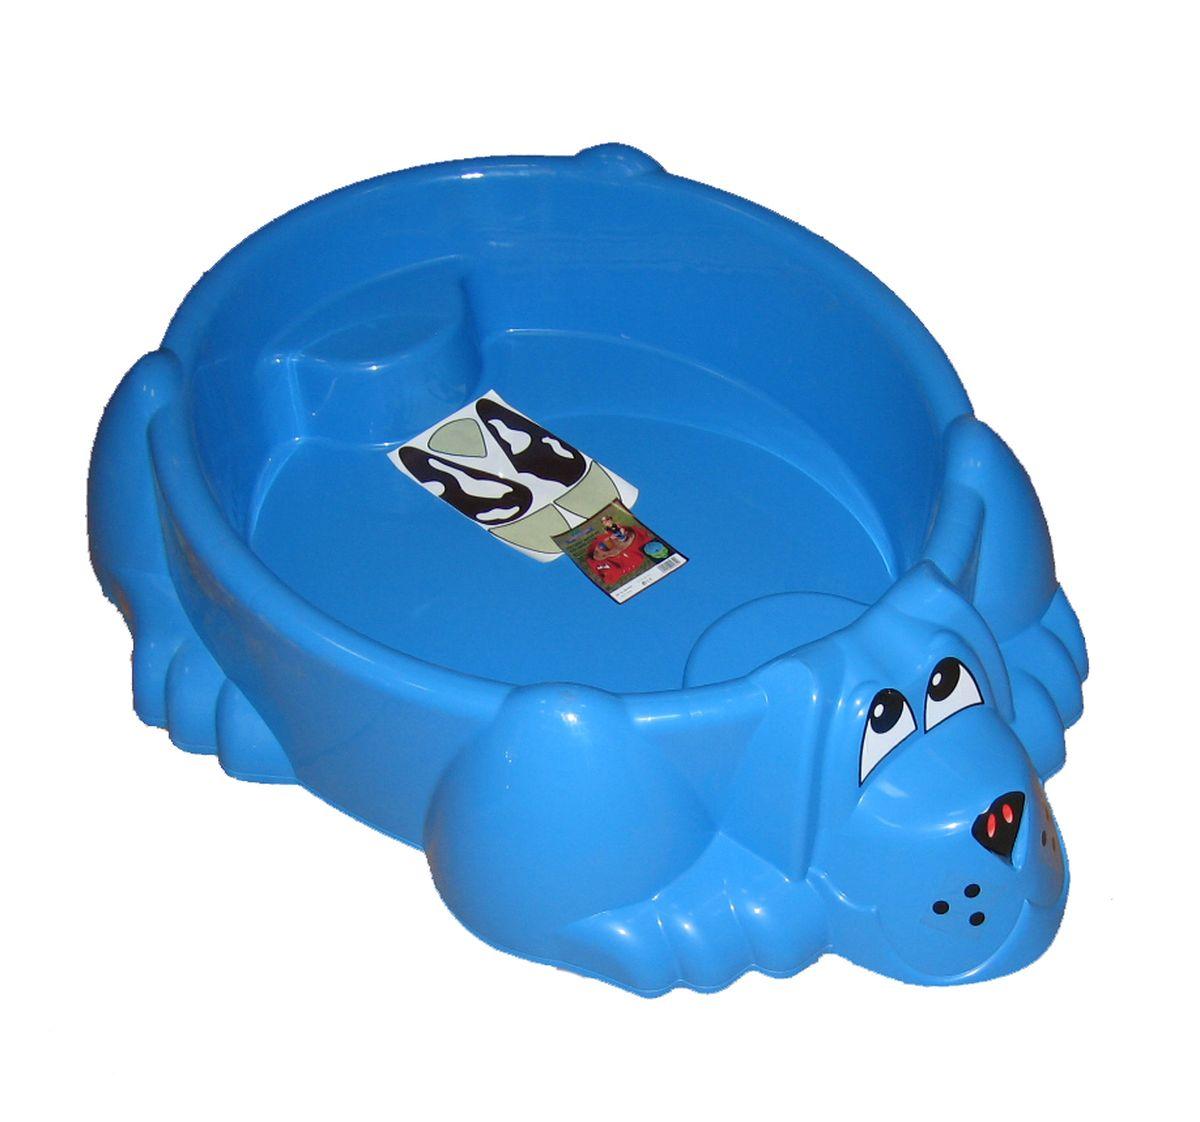 Marian Plast Бассейн Собачка цвет синий373_синийНе знаете что подарить ребенку: бассейн или песочницу? Не нужно делать выбор. Оригинальный бассейн-песочница Собачка обязательно понравится ребенку. Теперь ребенок решает сам: строить ему куличики из песка или купаться в воде. Песочница-бассейн прекрасно подойдет для летнего отдыха детей, и обеспечит бесконечные часы радости и веселья.